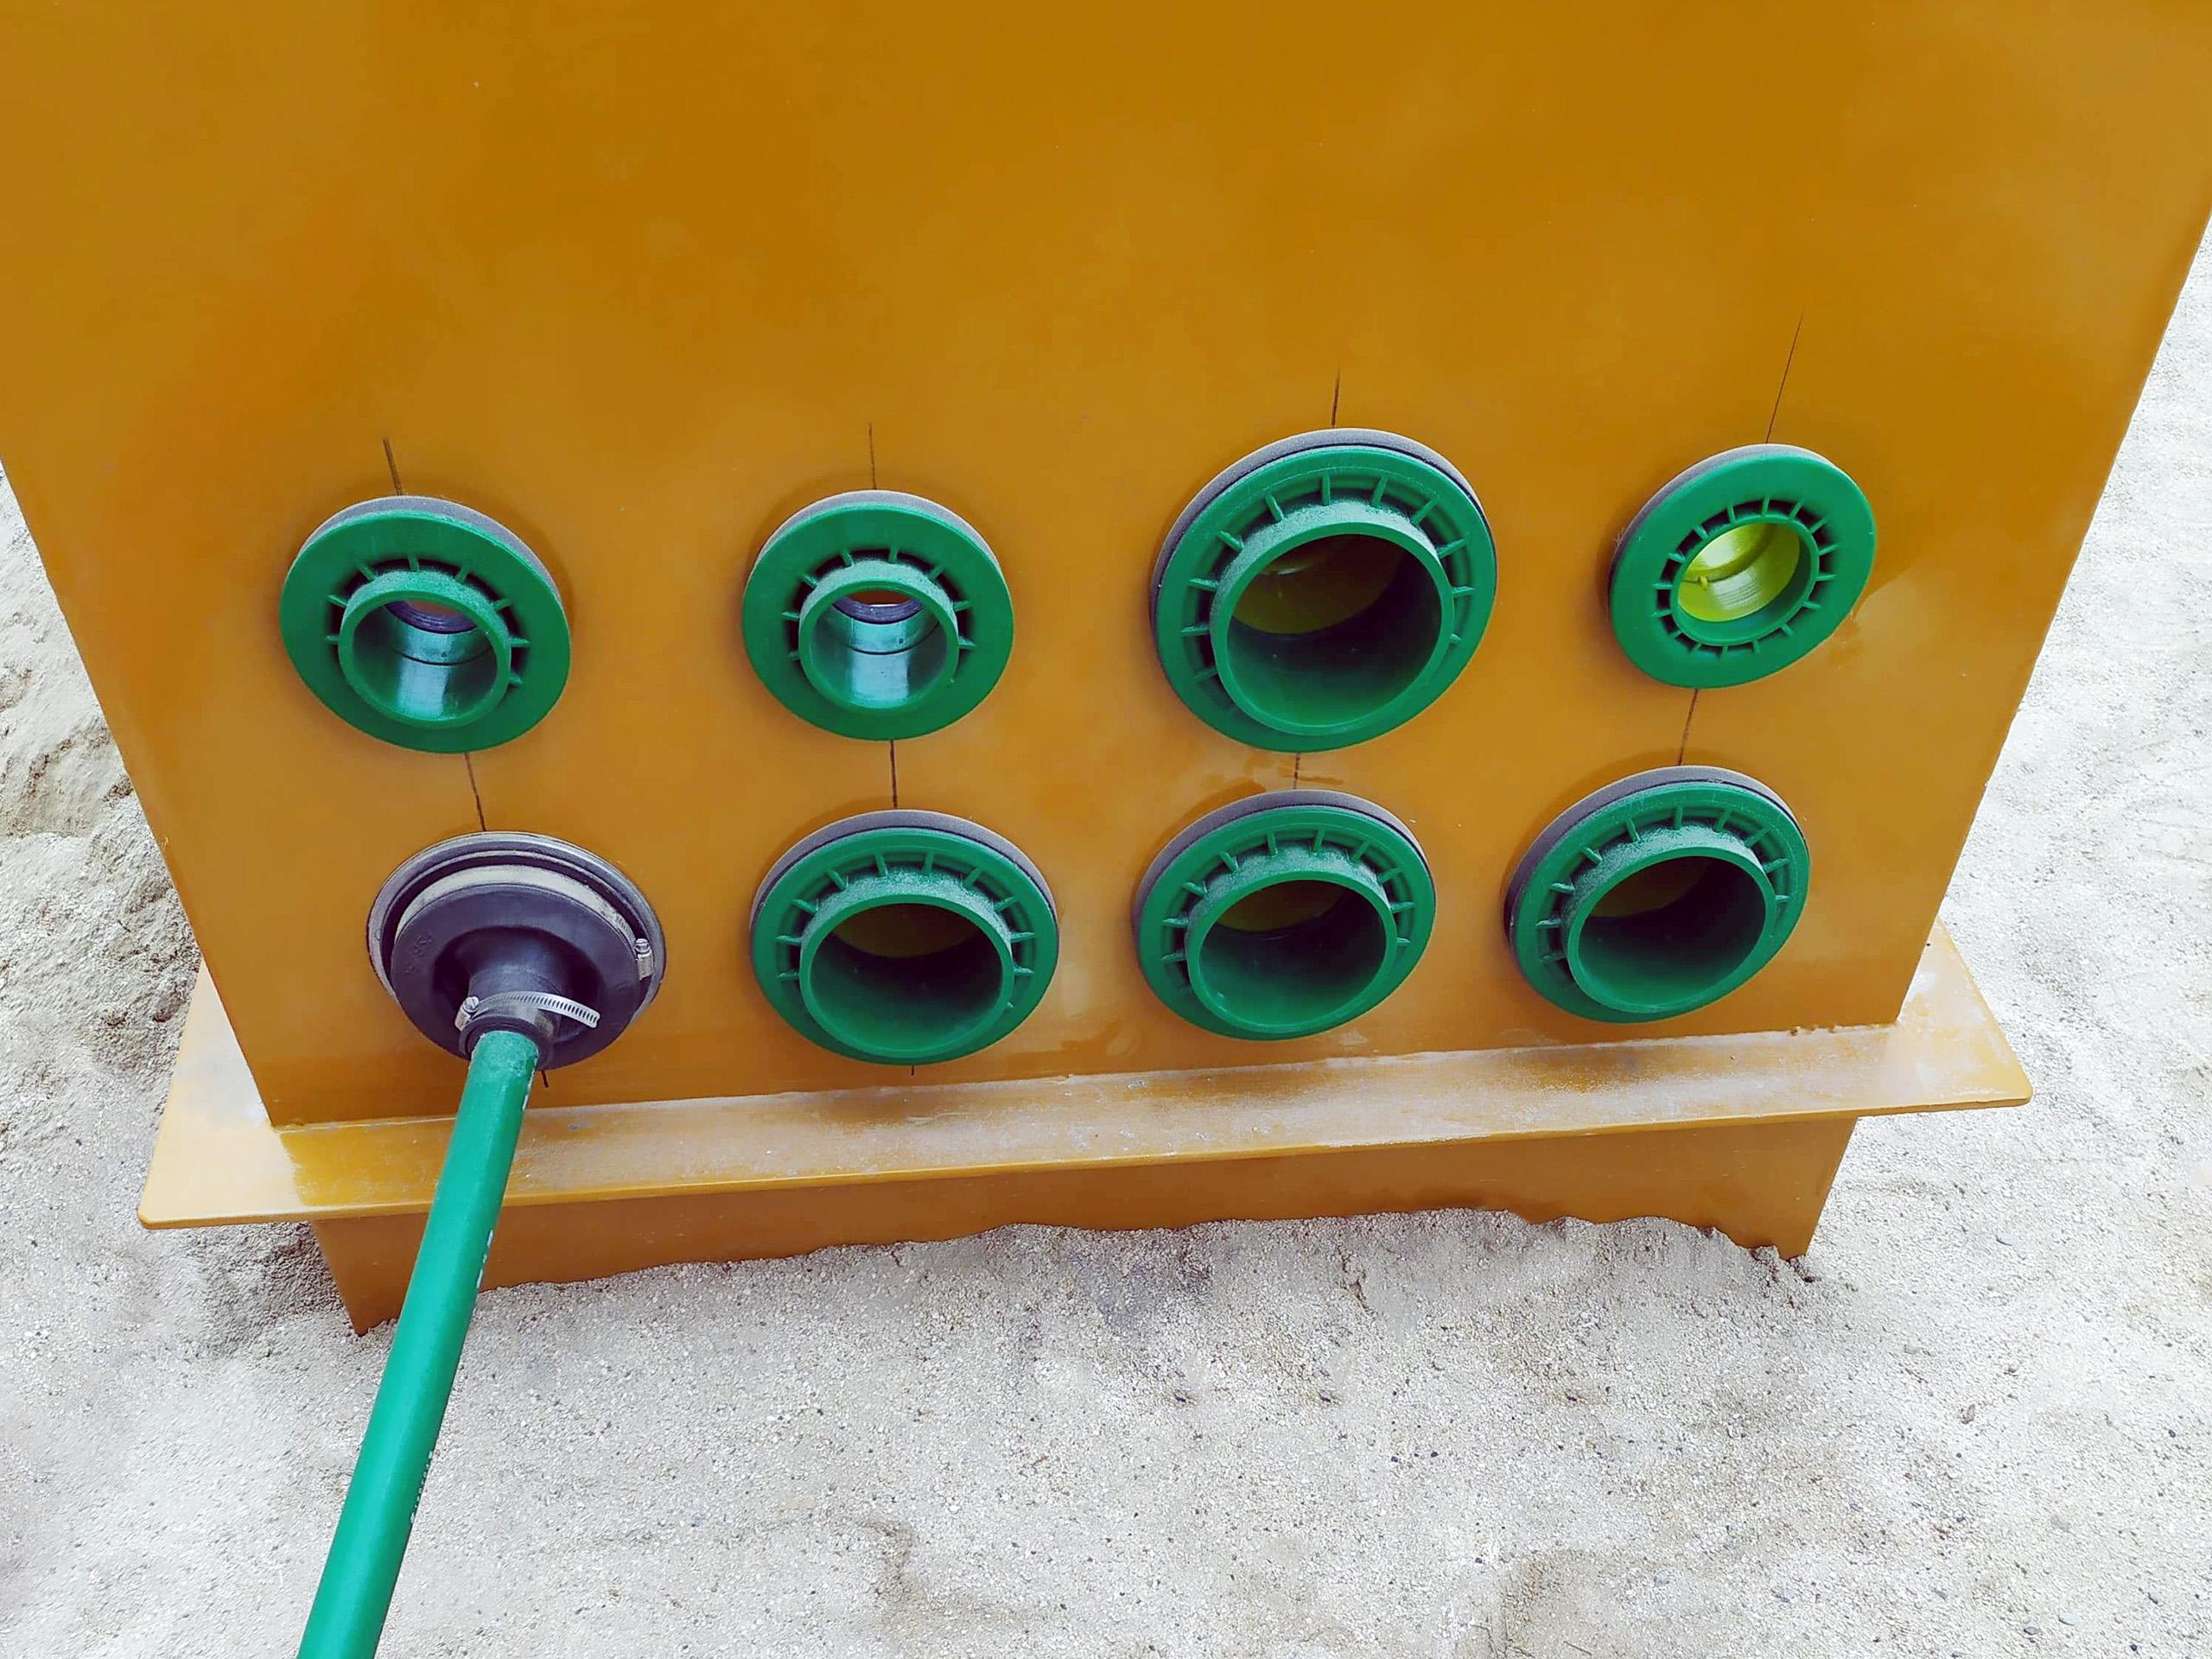 Los pasamuros de entrada de tuberías KPS protegen contra la salida de combustible y la entrada de agua subterránea